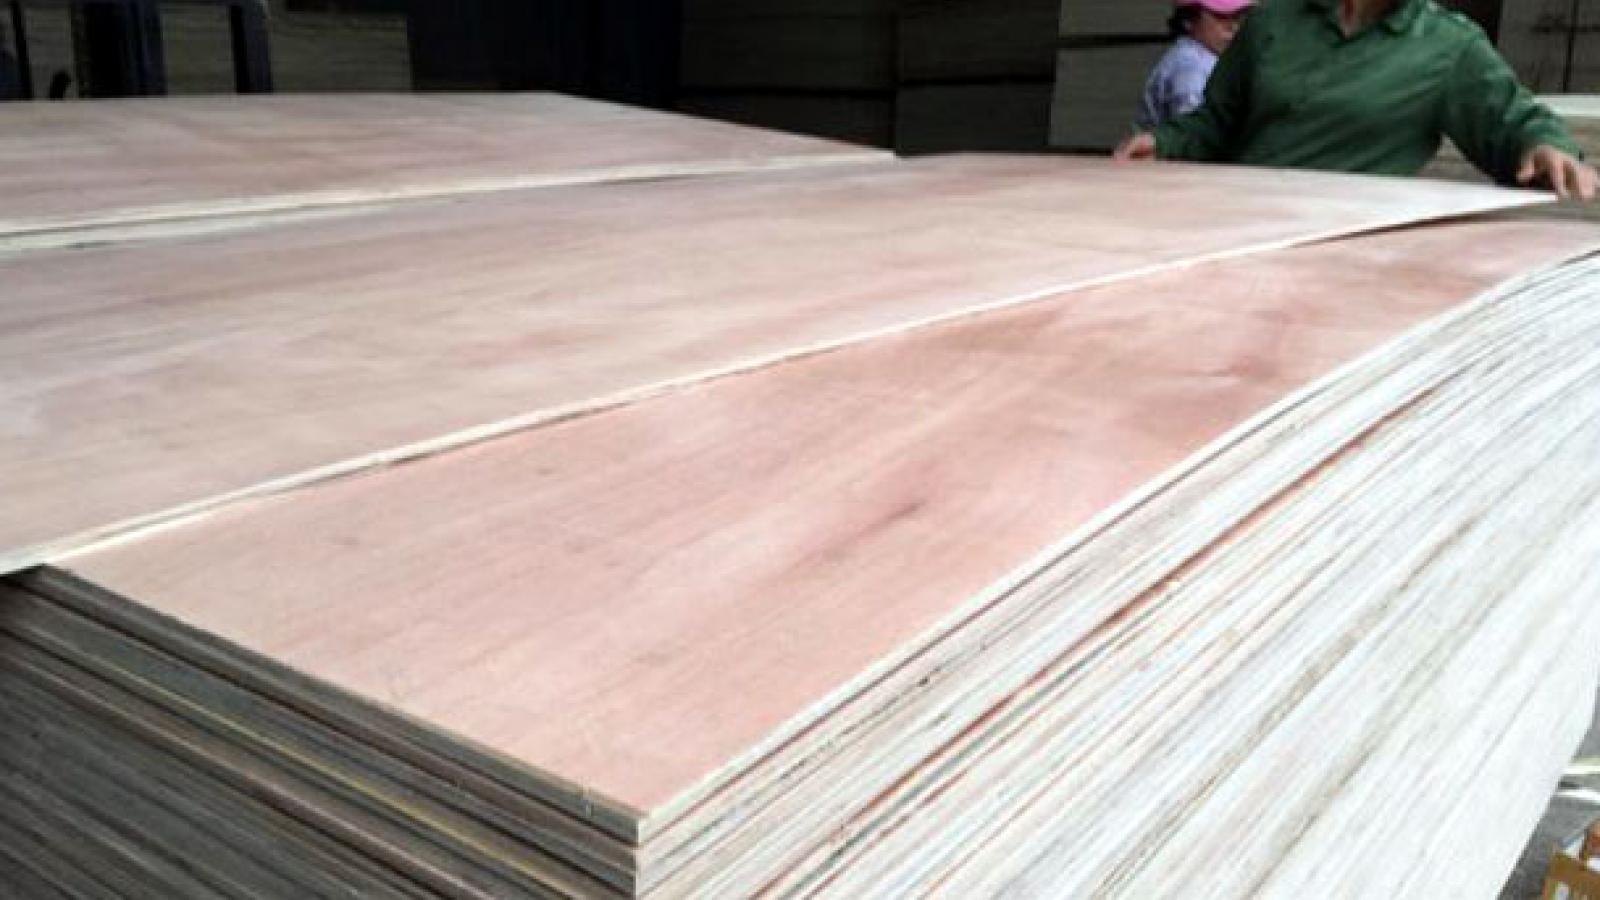 Điều tra phòng vệ thương mại các sản phẩm gỗ có xu hướng gia tăng